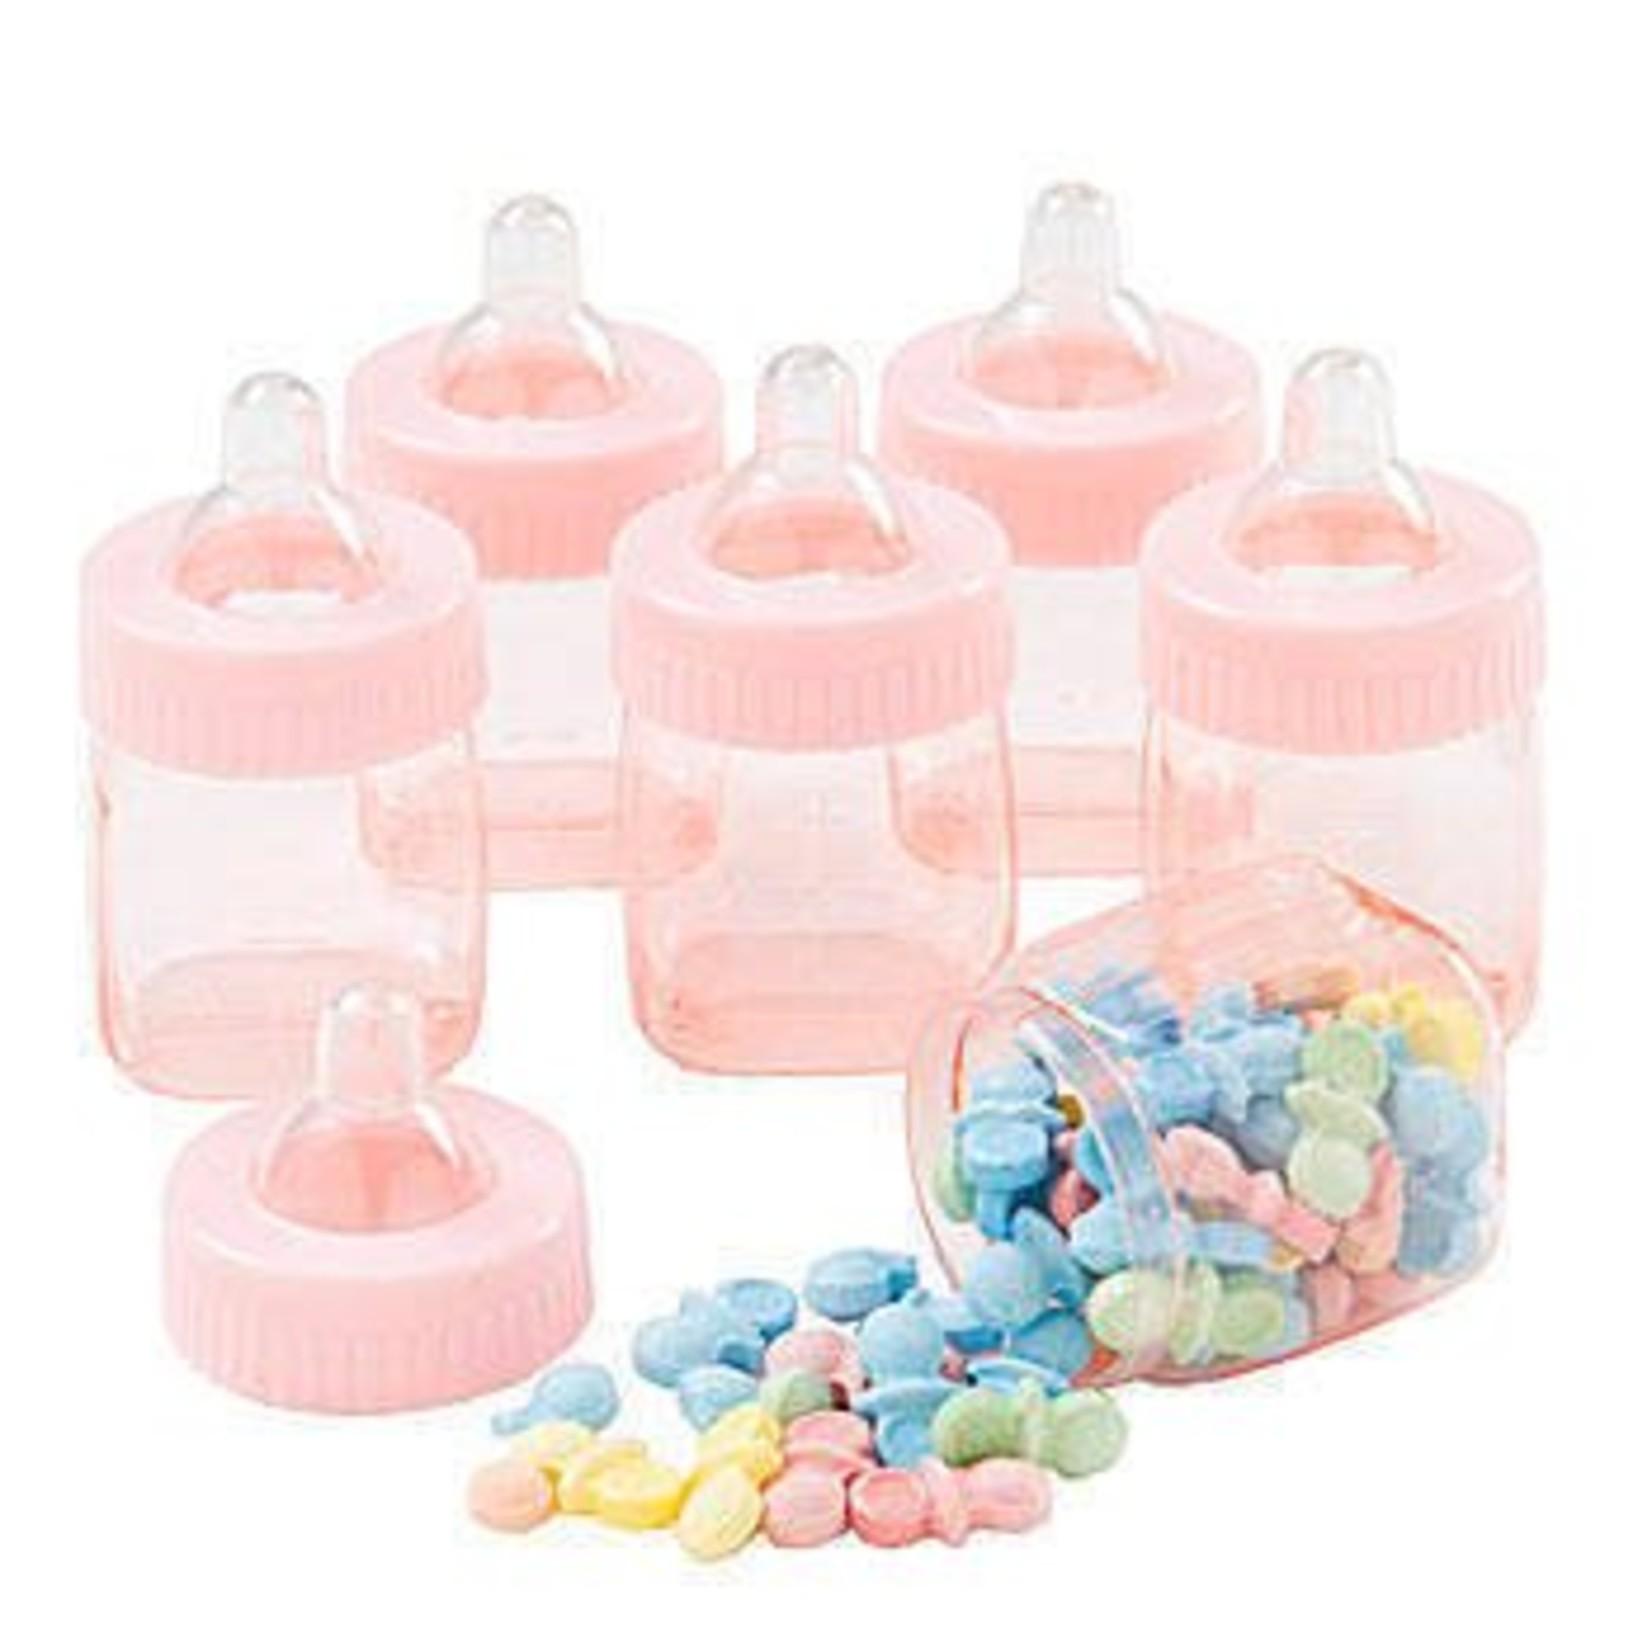 Baby Shower Bottle Favors - Pink